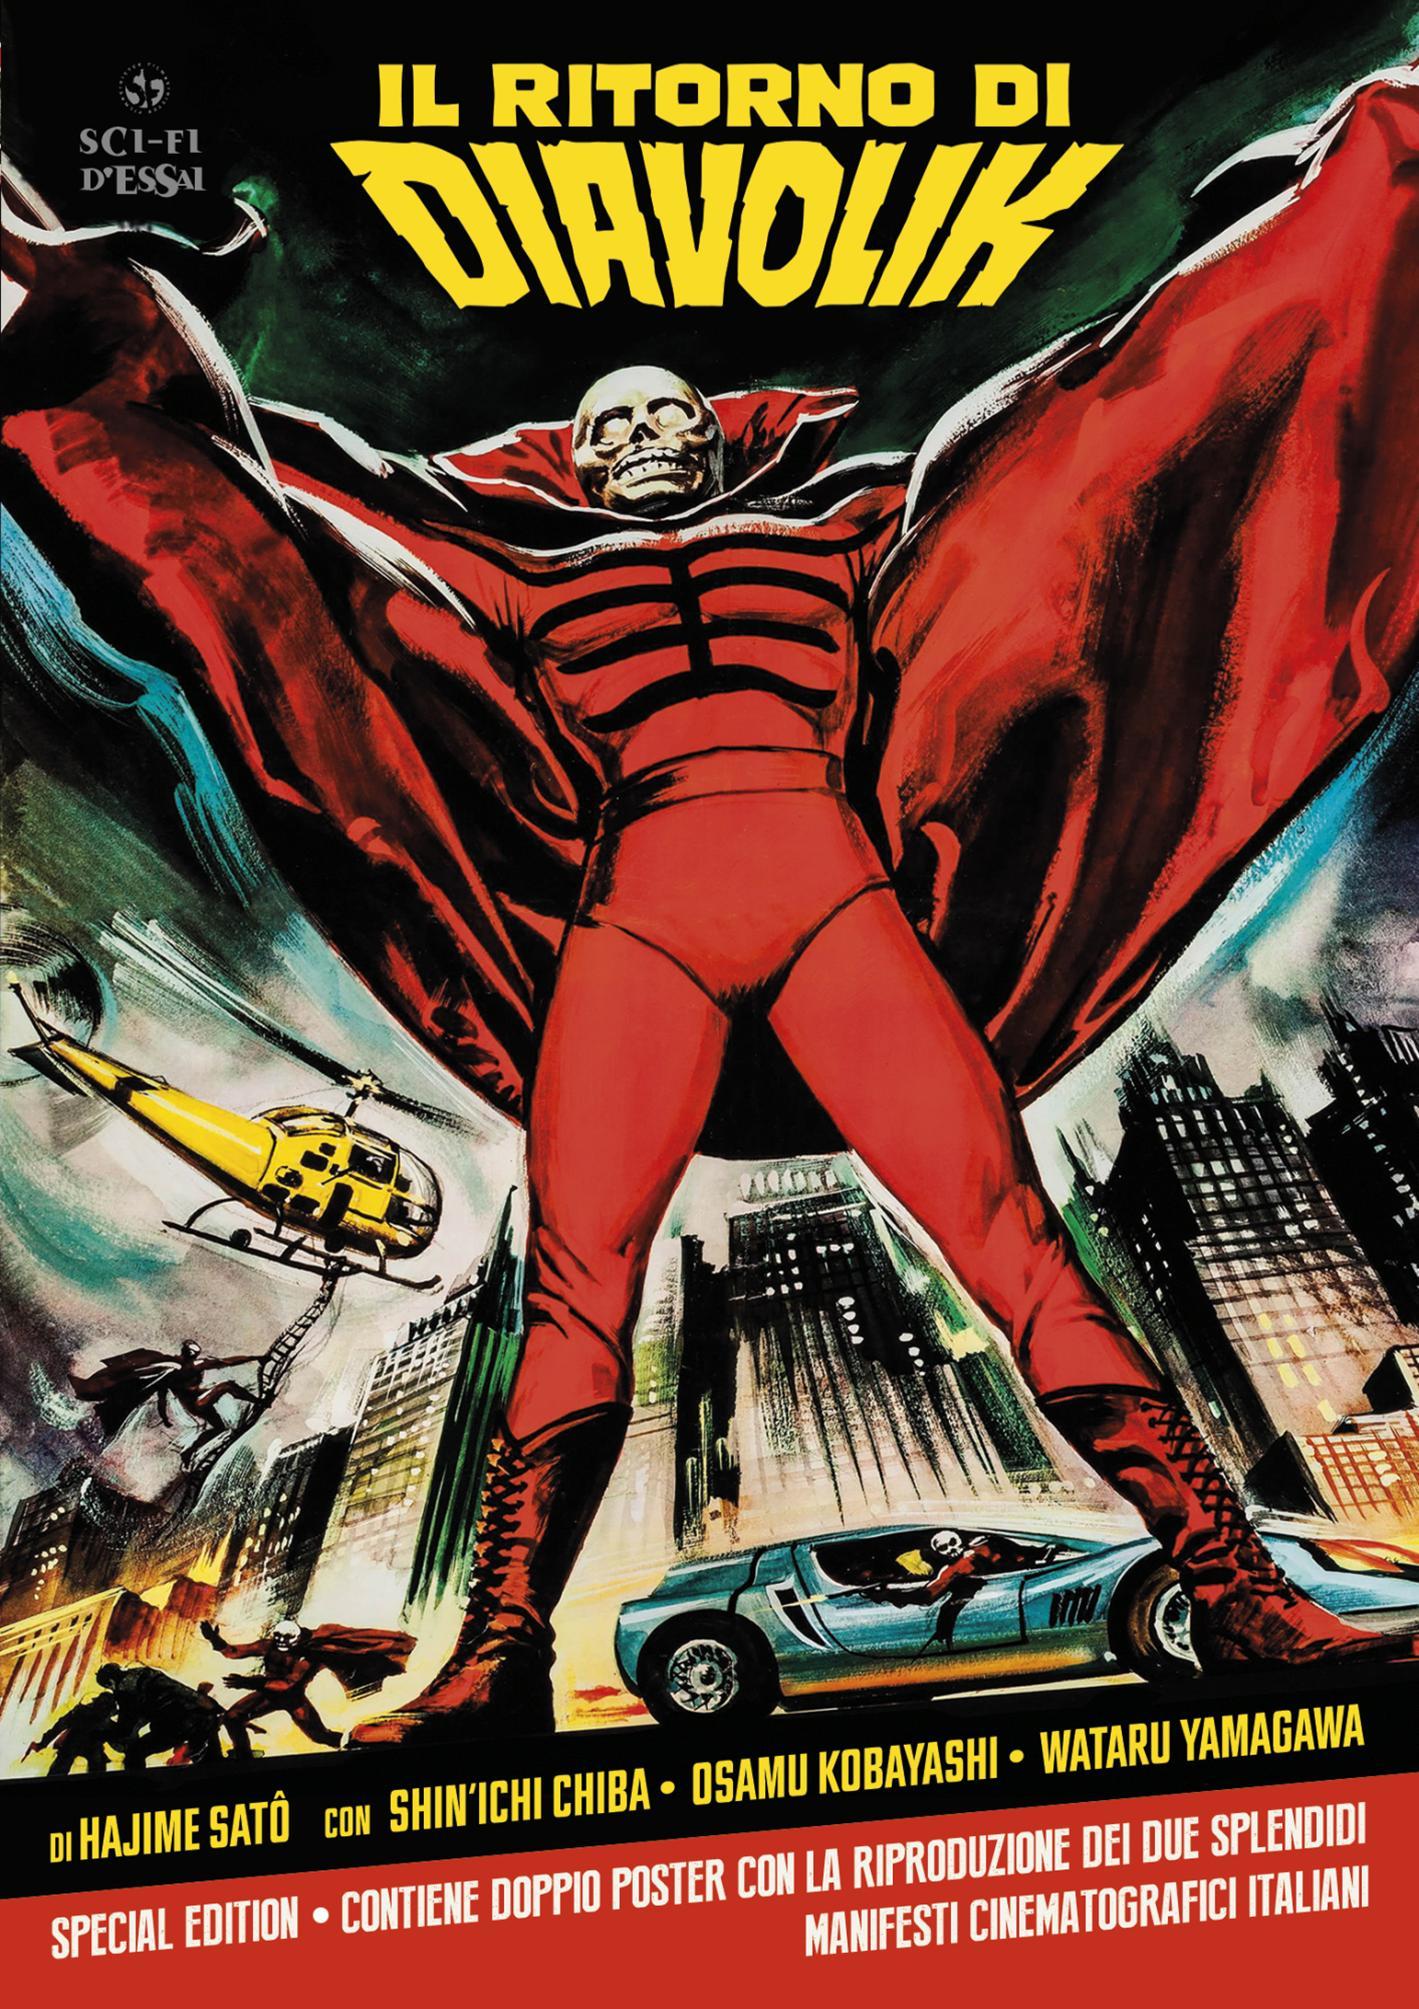 IL RITORNO DI DIAVOLIK (SPECIAL EDITION DVD+2 POSTER) (DVD)